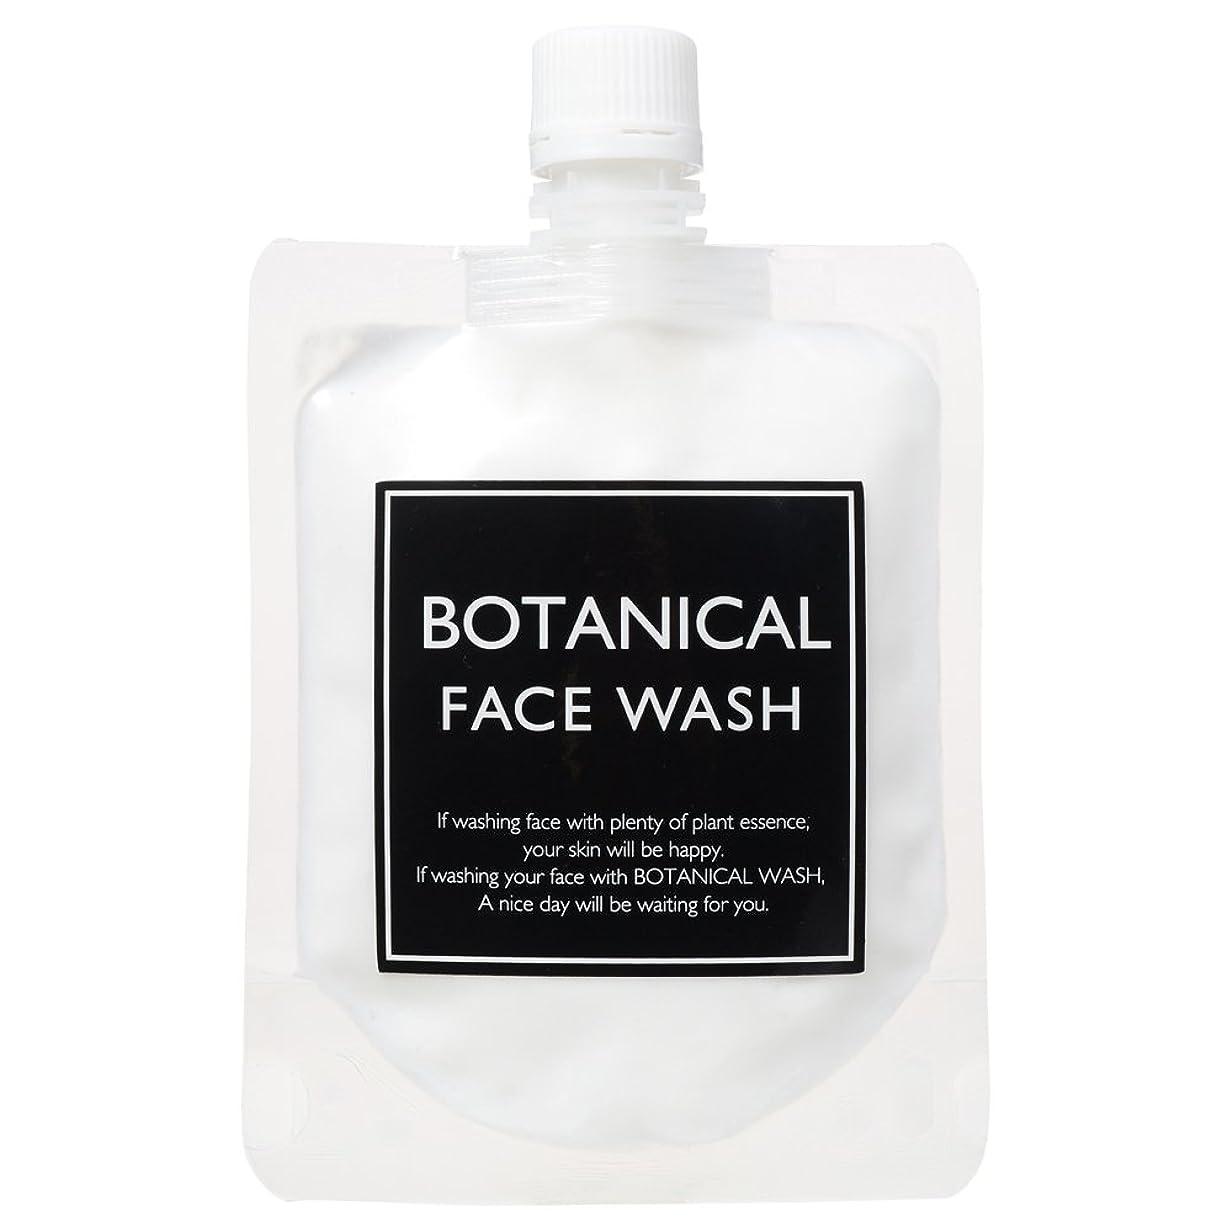 プーノトラックまた明日ね【BOTANICAL FACE WASH】 ボタニカル フェイスウォッシュ 150g 泡洗顔